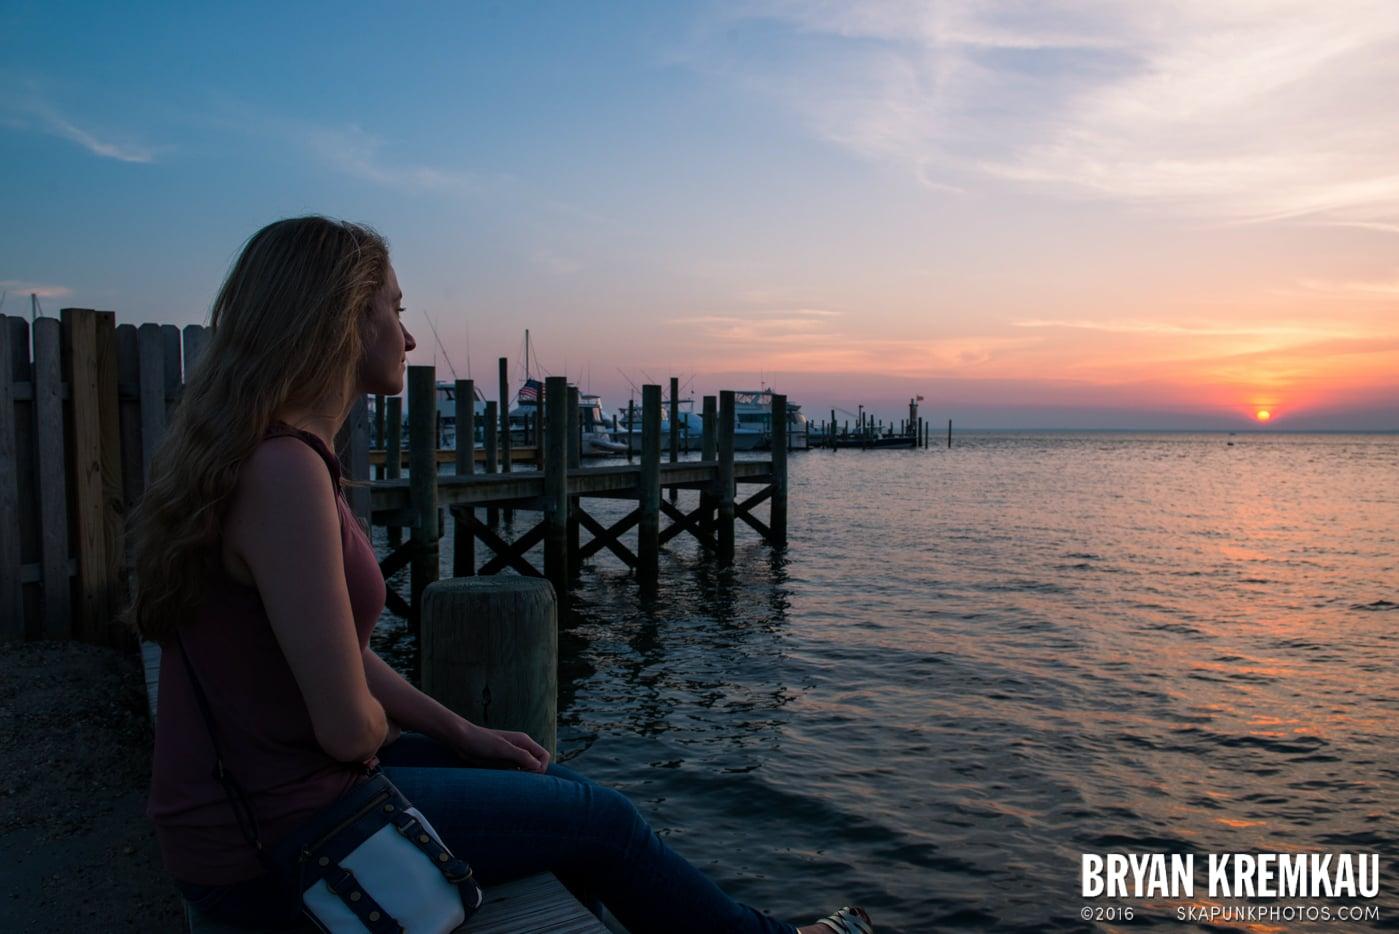 Beach Haven, Long Beach Island, NJ - 6.16.14 - 6.18.14 (45)